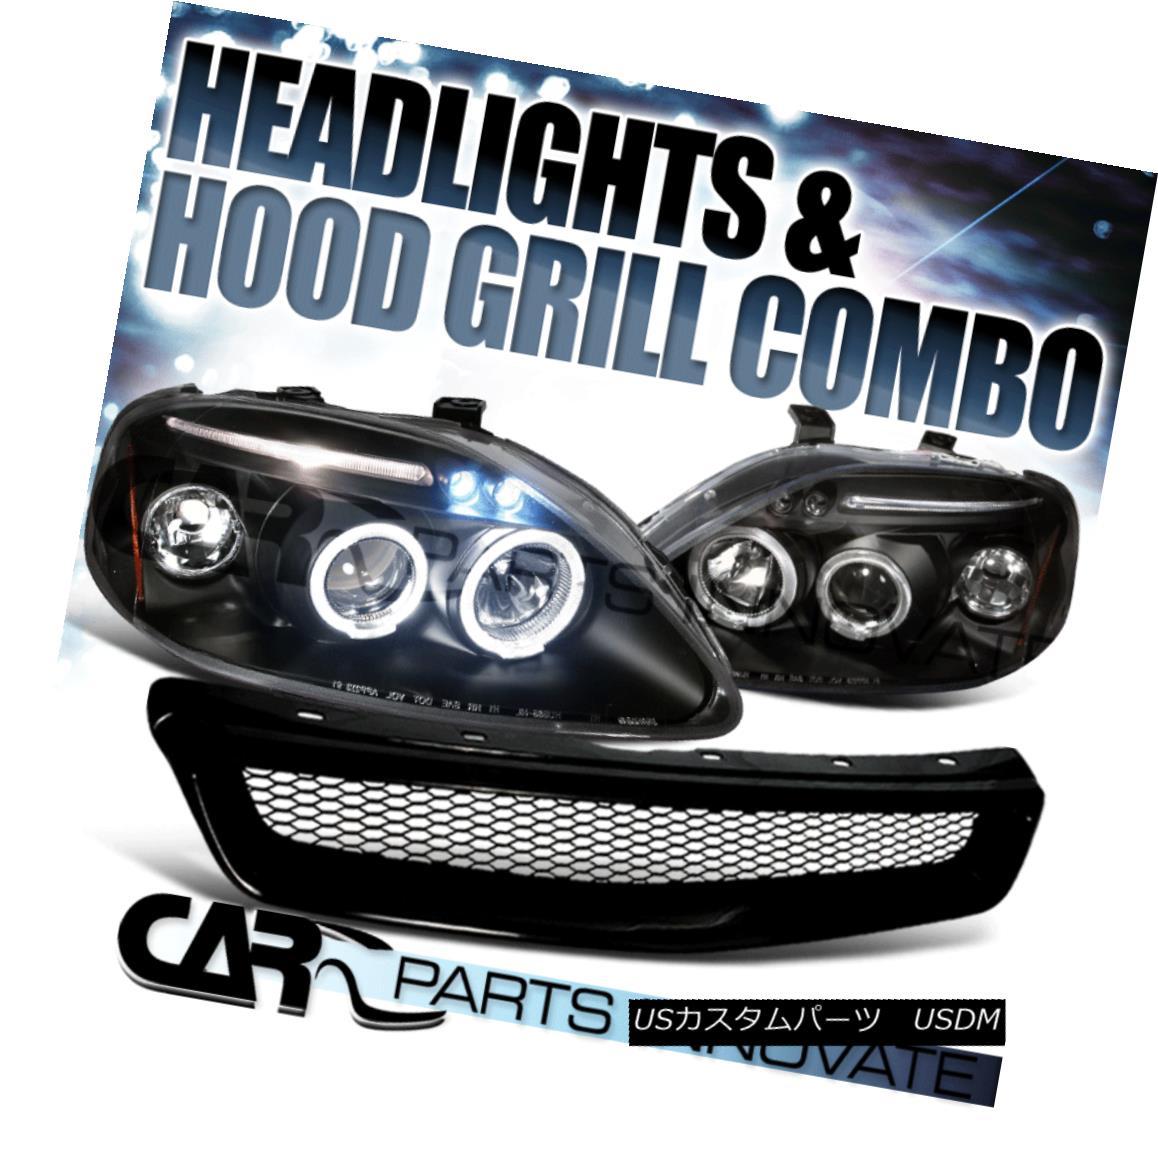 グリル For 99-00 Honda Civic Black Halo LED Projector Headlights+Front Mesh Hood Grille 99-00ホンダシビックブラックハローLEDプロジェクター用ヘッドライト+ ntメッシュフードグリル用